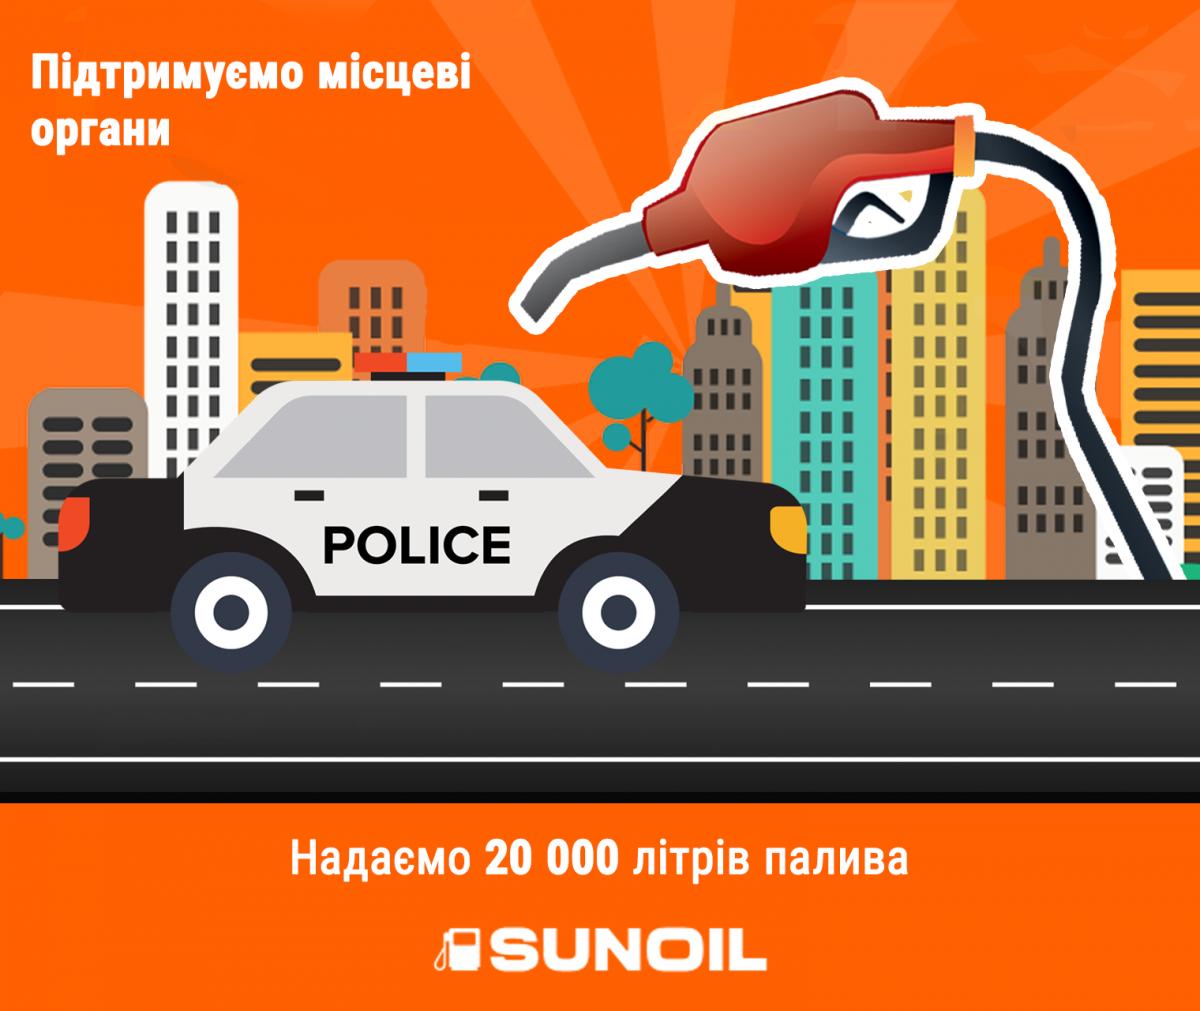 SUNOIL забезпечили паливом поліцію Харківщини